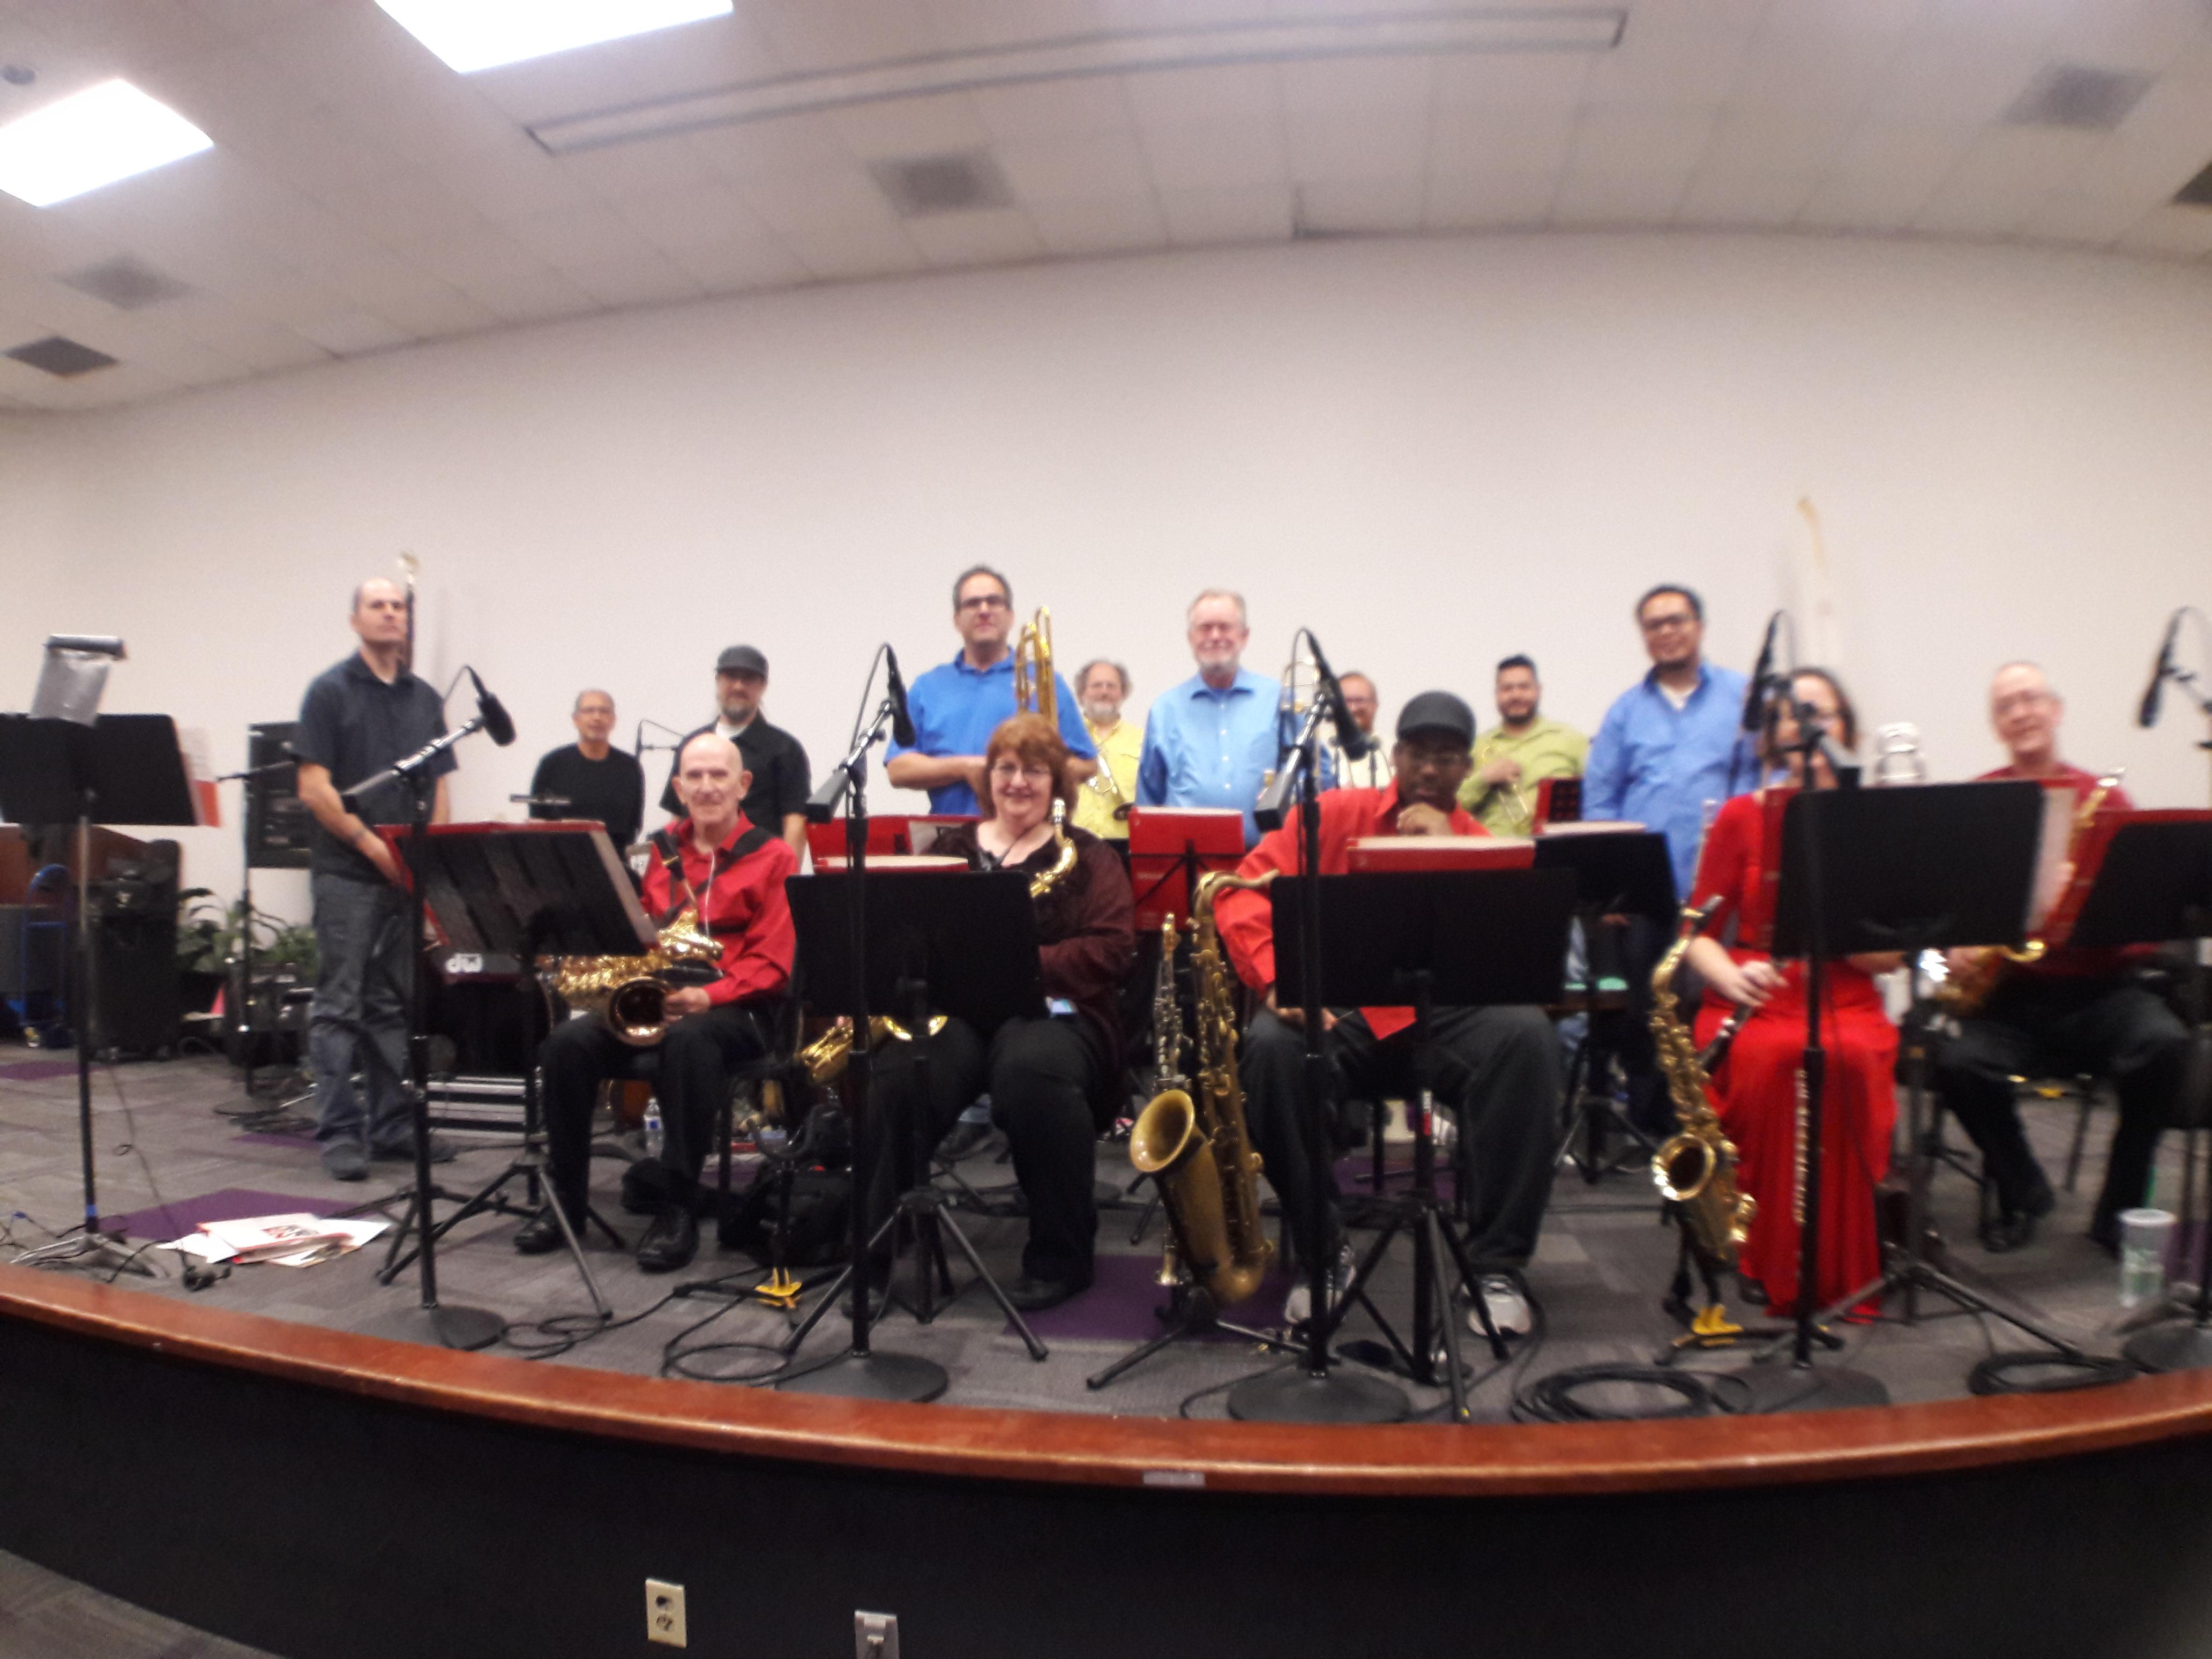 Big band brings jazz